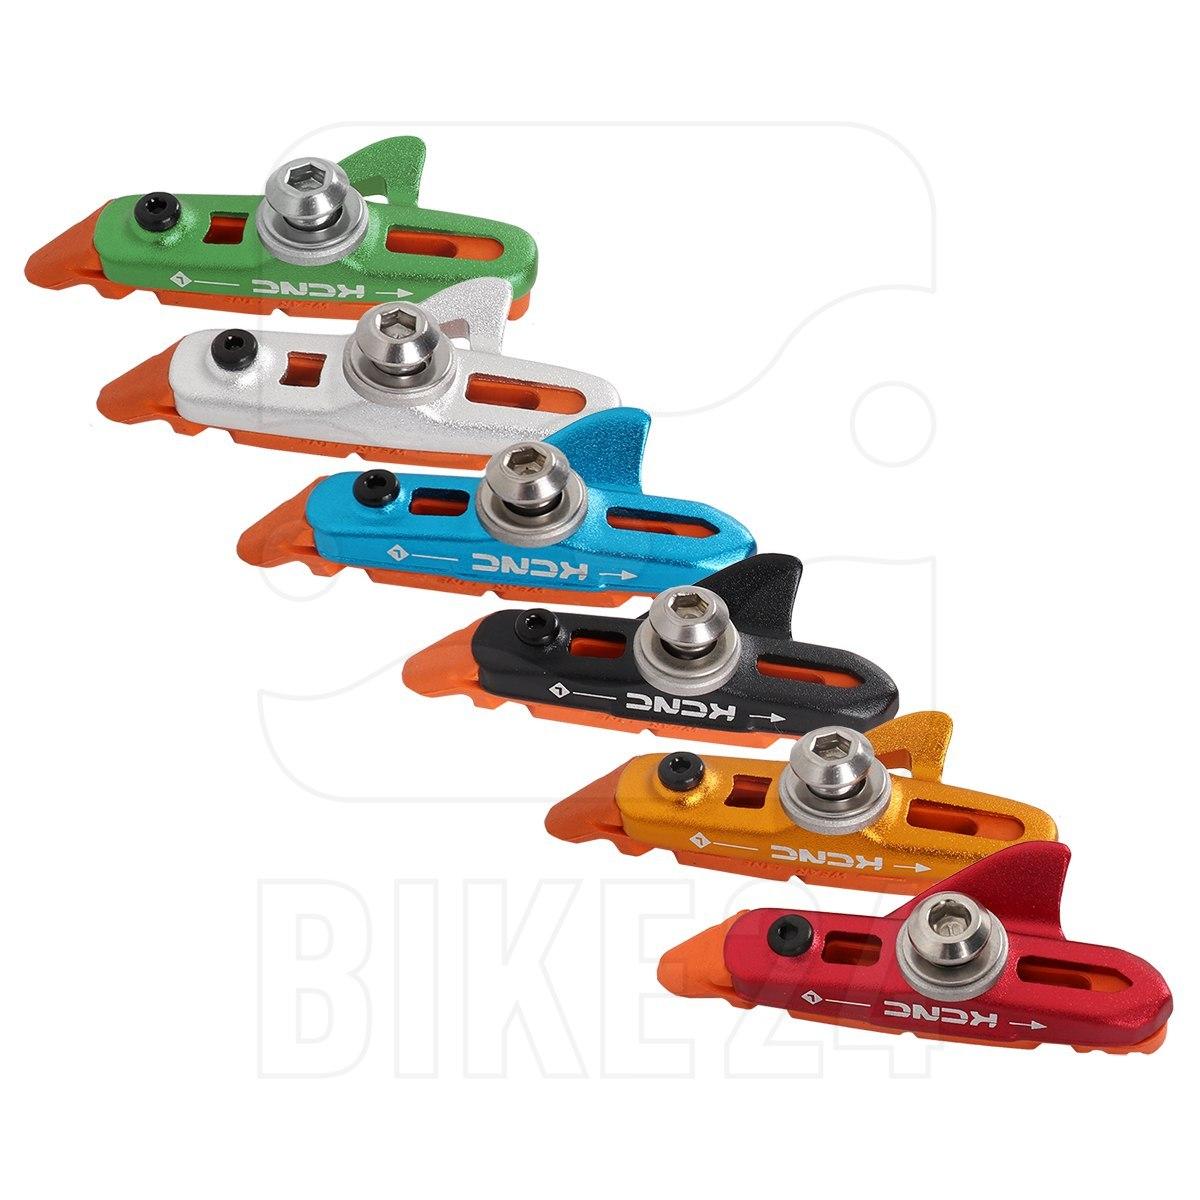 KCNC Bremsschuhe mit roten Standardbelägen